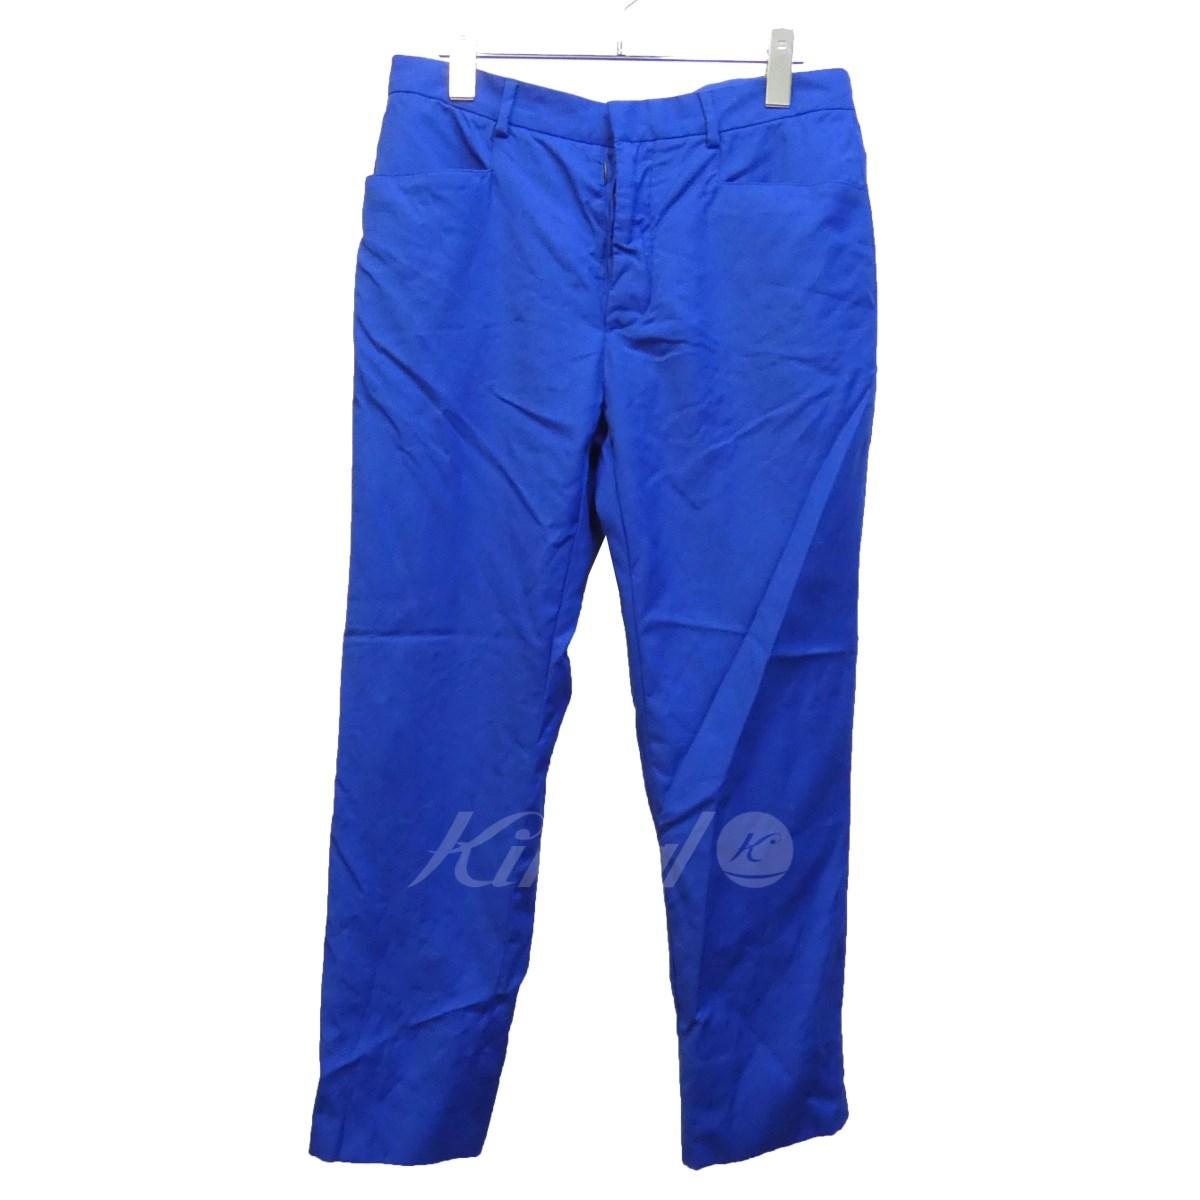 【新発売】 【中古】Martin Margiela14 14SS テーパードスラックスパンツ ブルー ブルー サイズ:46 Margiela14【300718 14SS】(マルタンマルジェラ14), BRILHAR:7f641332 --- gipsari.com